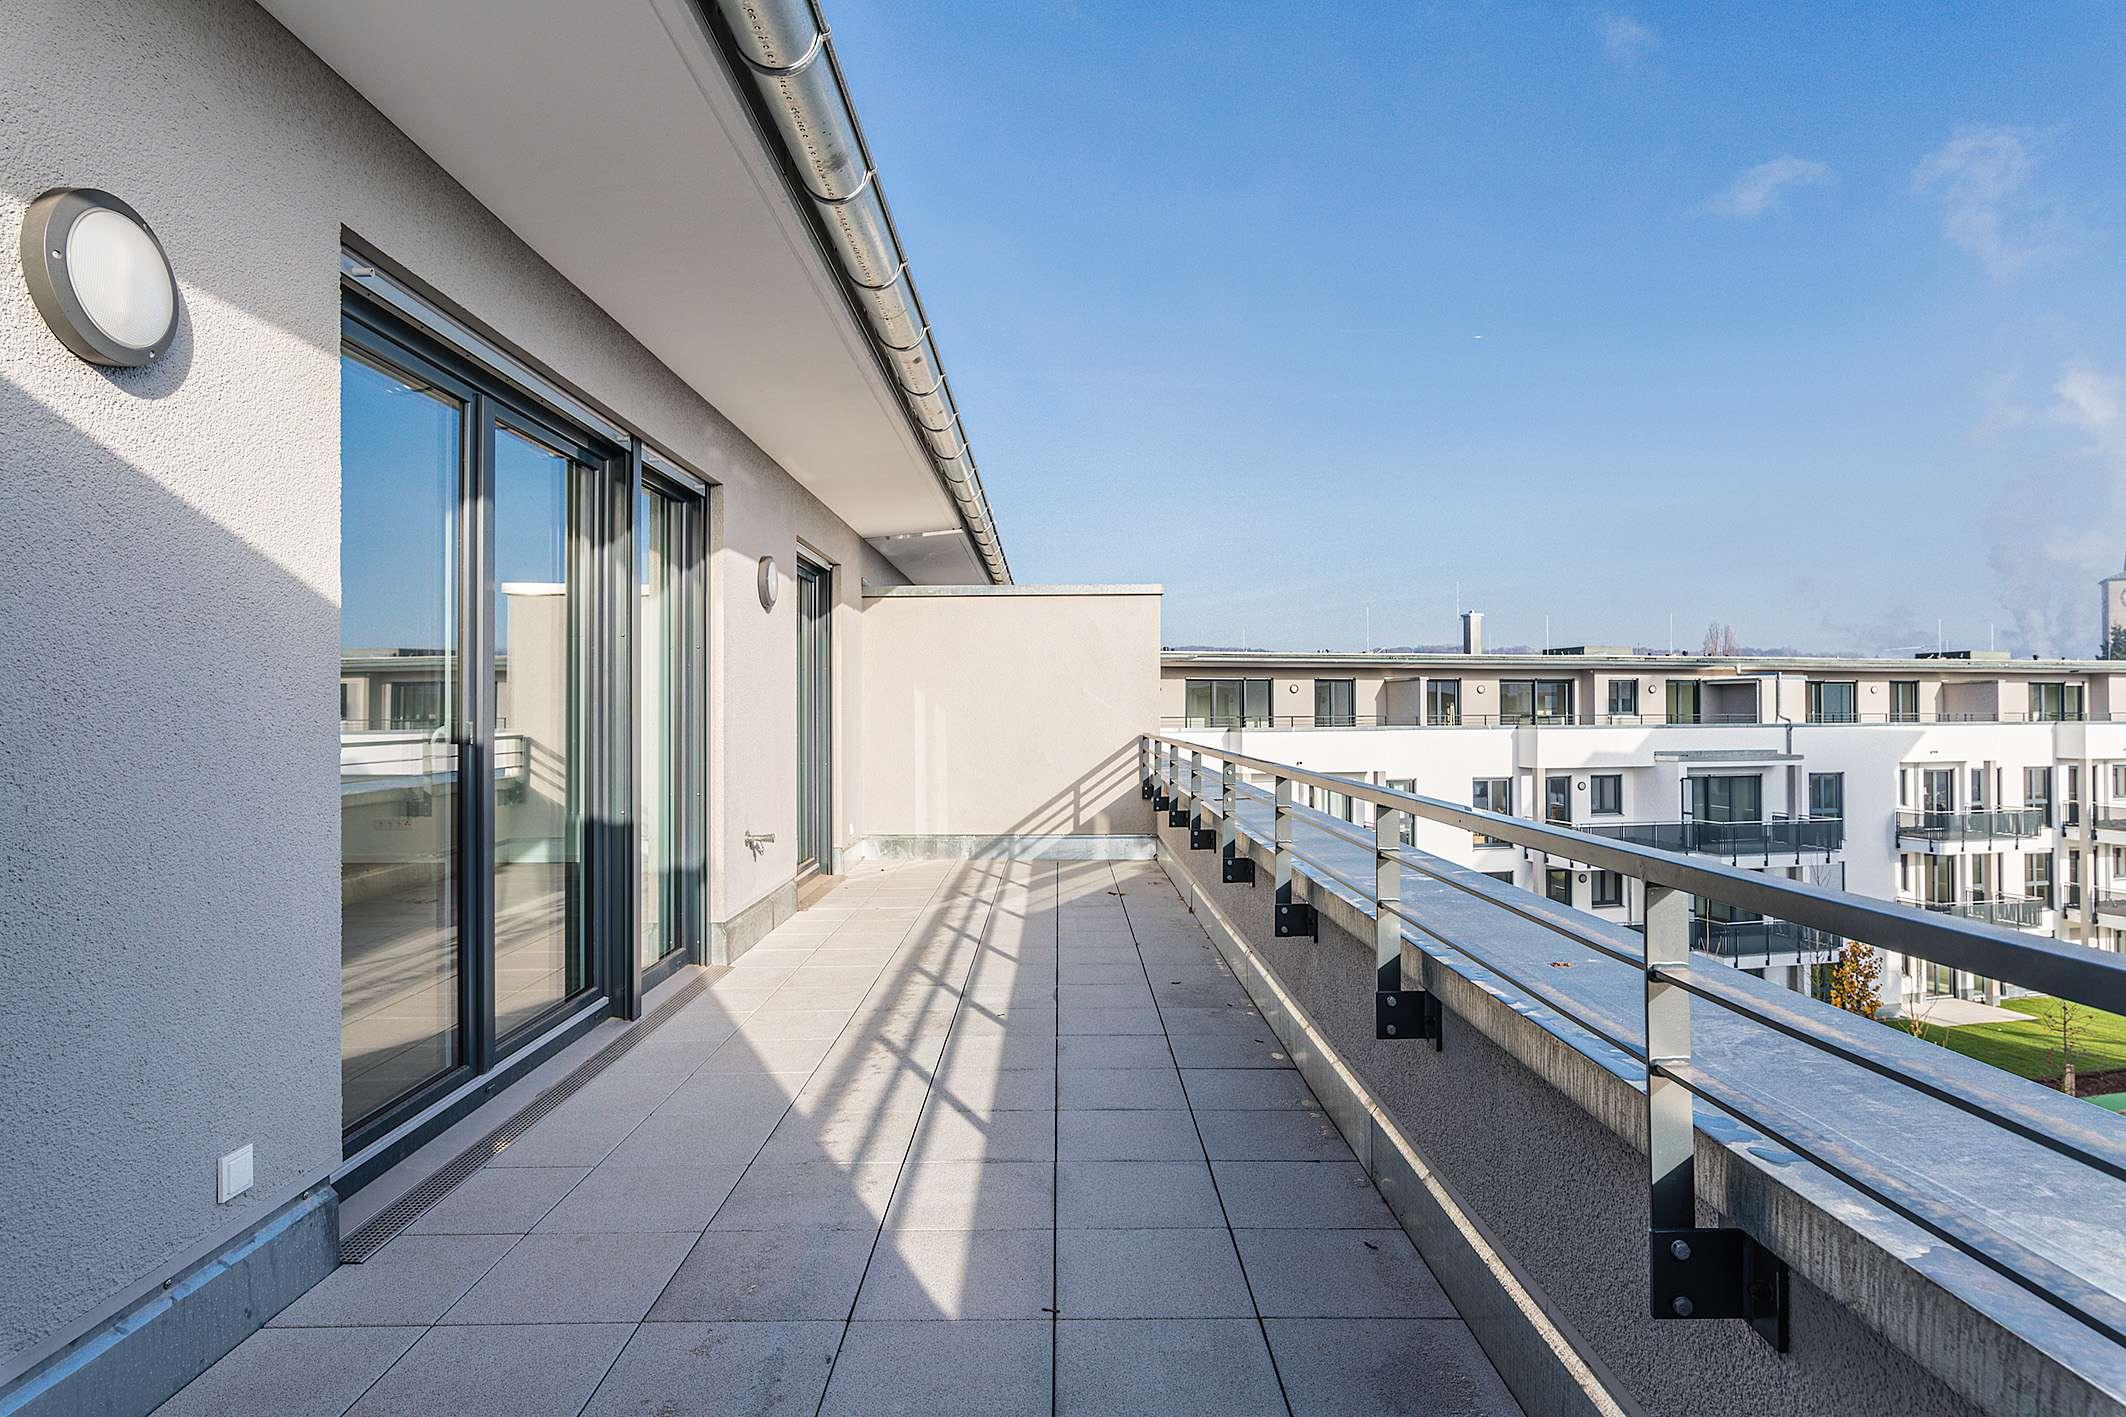 Erstbezug in bester Lage! Lichtdurchflutete Penthouse-Wohnung mit toller Dachterrasse! in Damm (Aschaffenburg)